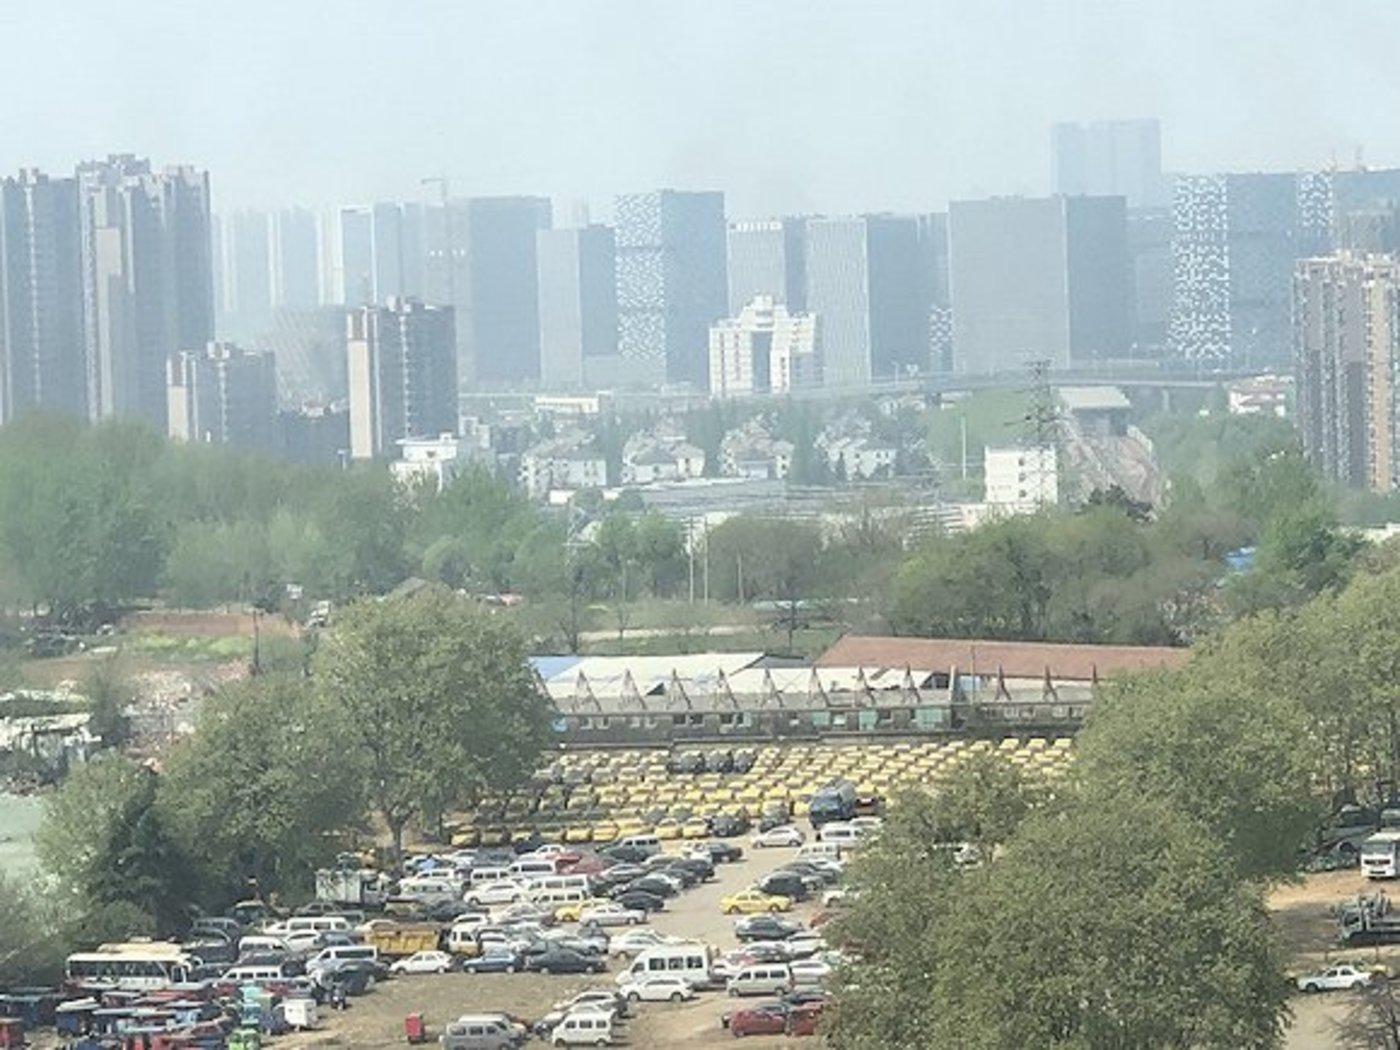 界面记者摄:位于南京市安德门附近的一处停车场